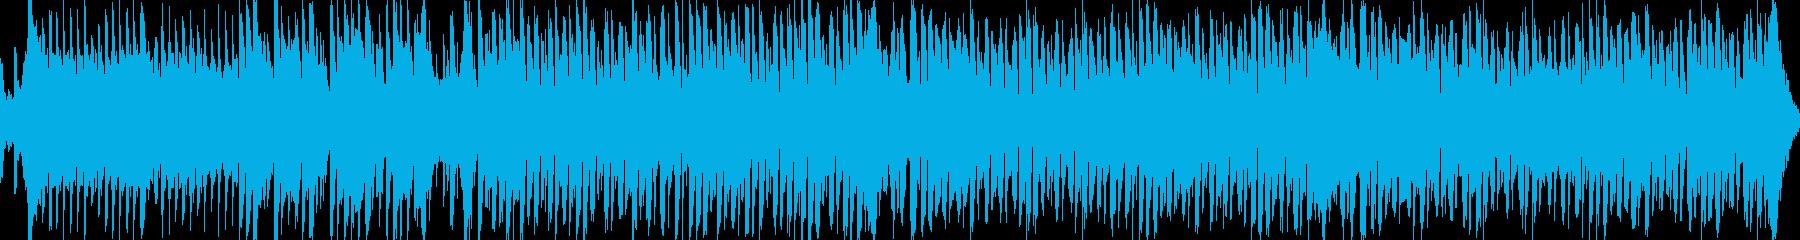 夏を感じる爽やかな和風ループBGMの再生済みの波形